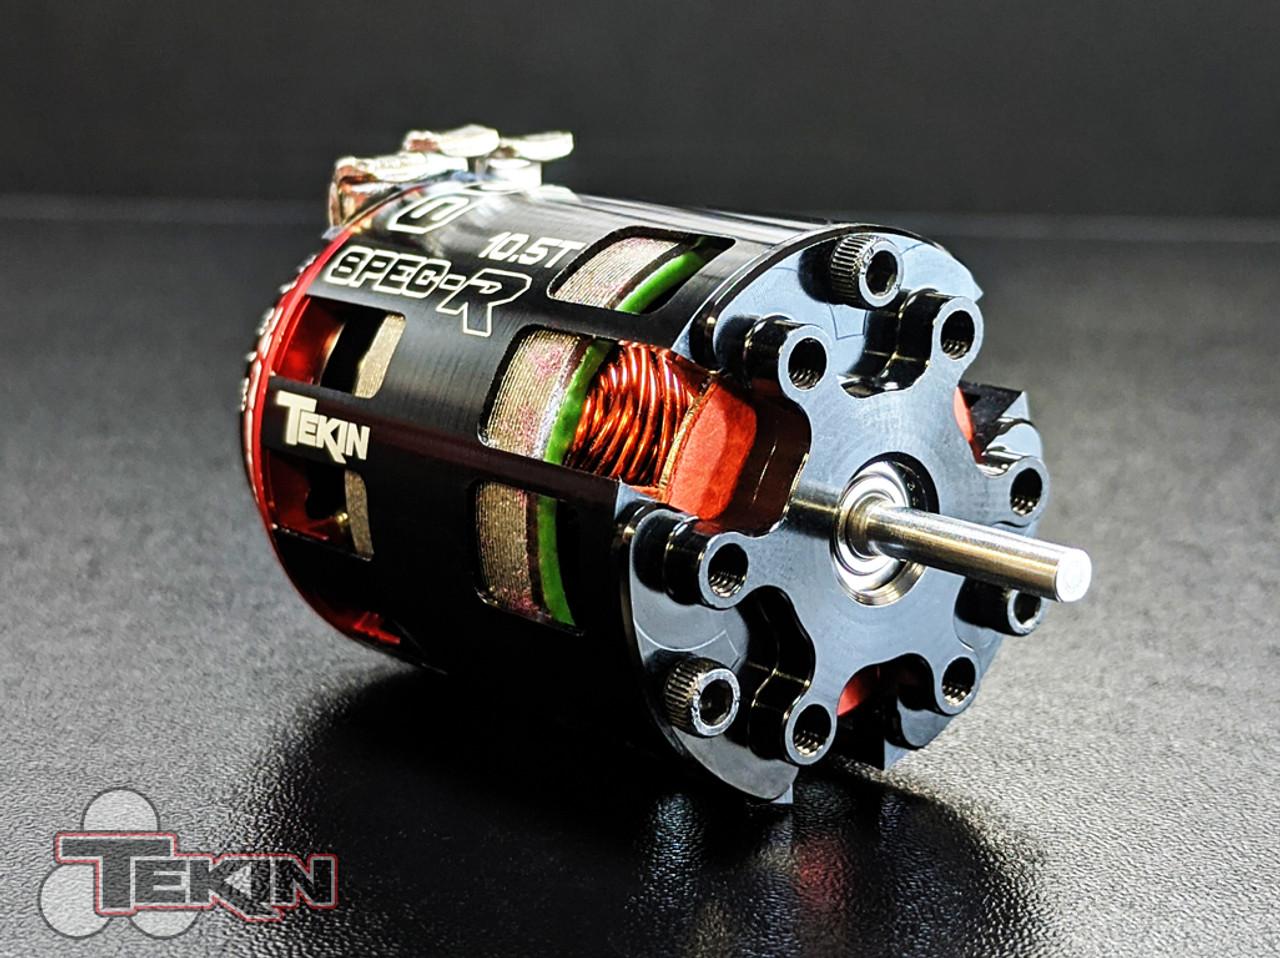 Tekin Gen4 Spec-R Sensored Brushless Motor (10.5T)